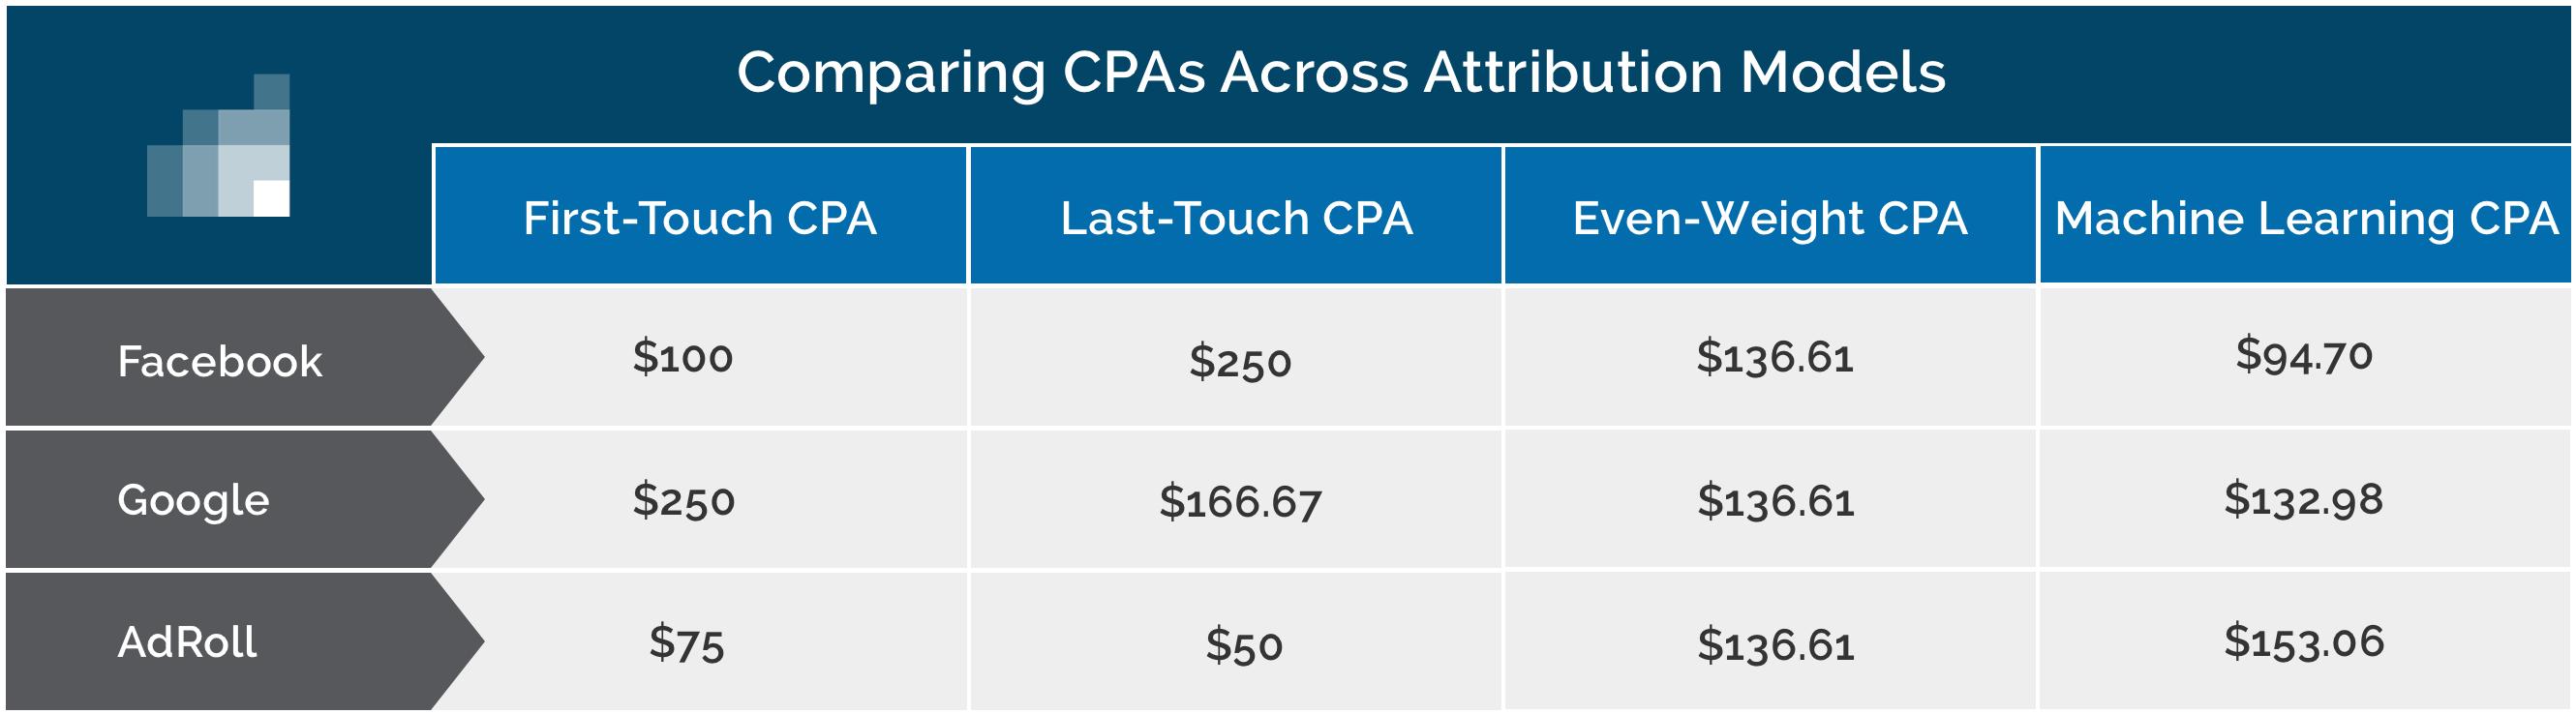 comparing CPAs